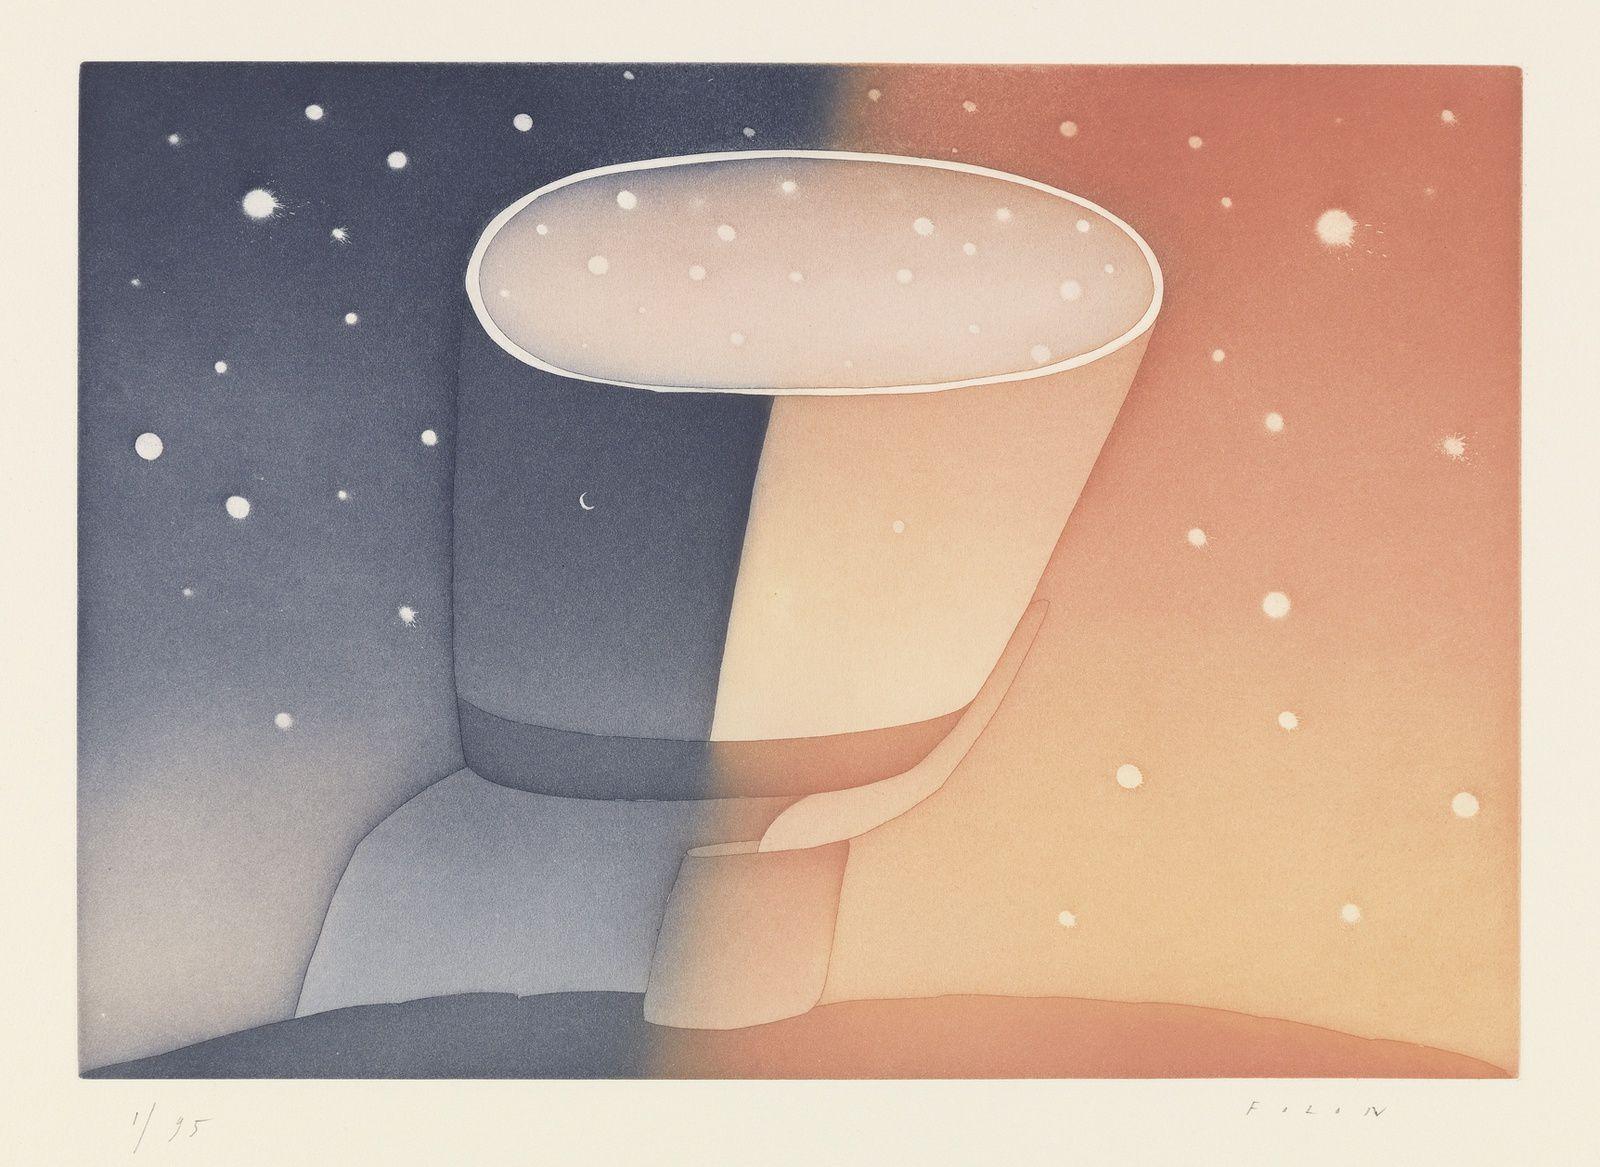 A propos du jour et de la nuit, 1989-90 © Fondation Folon